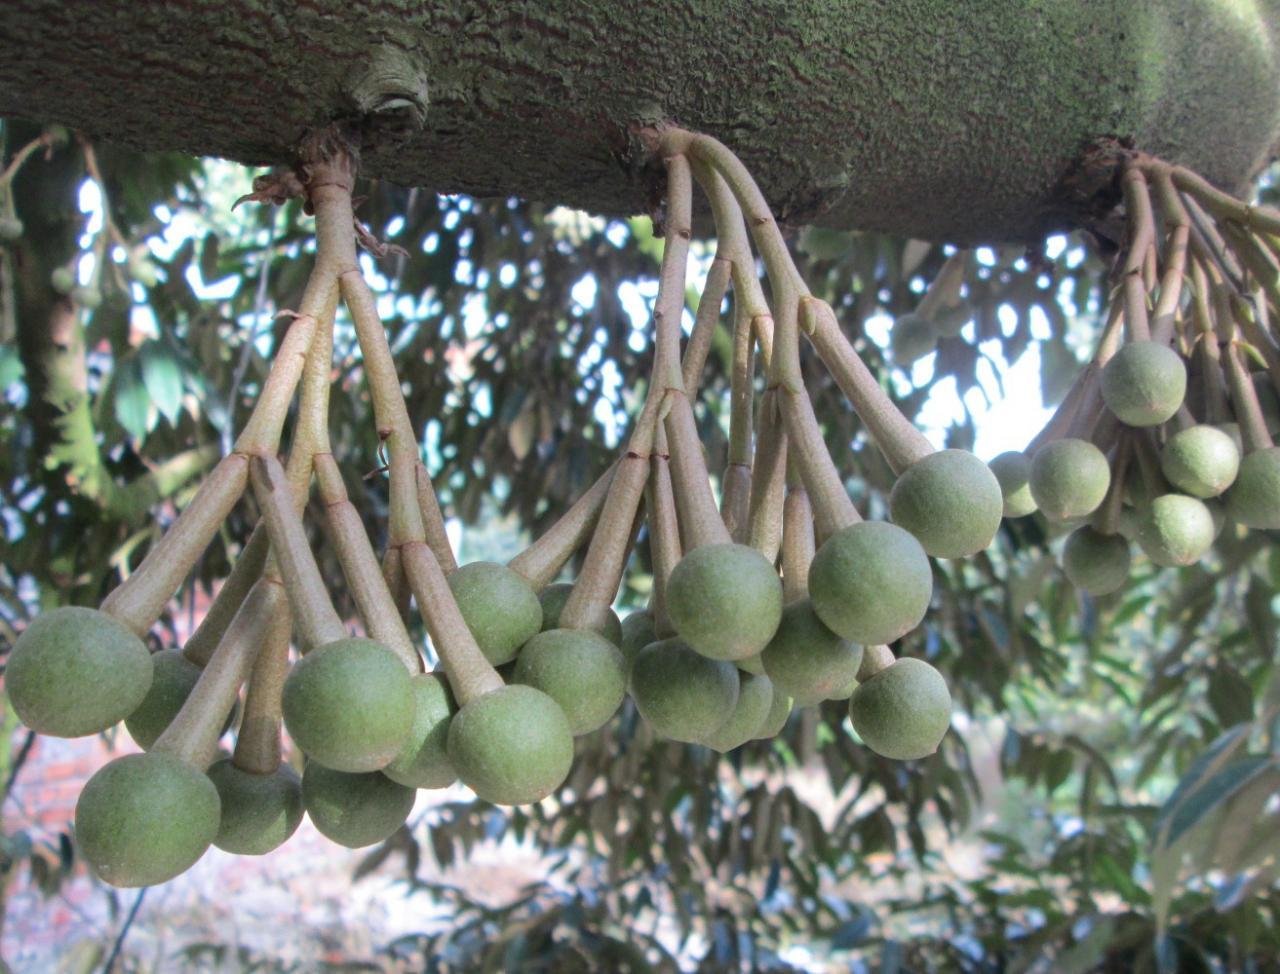 Bón phân tưới nước cho cây sầu riêng đang ra hoa